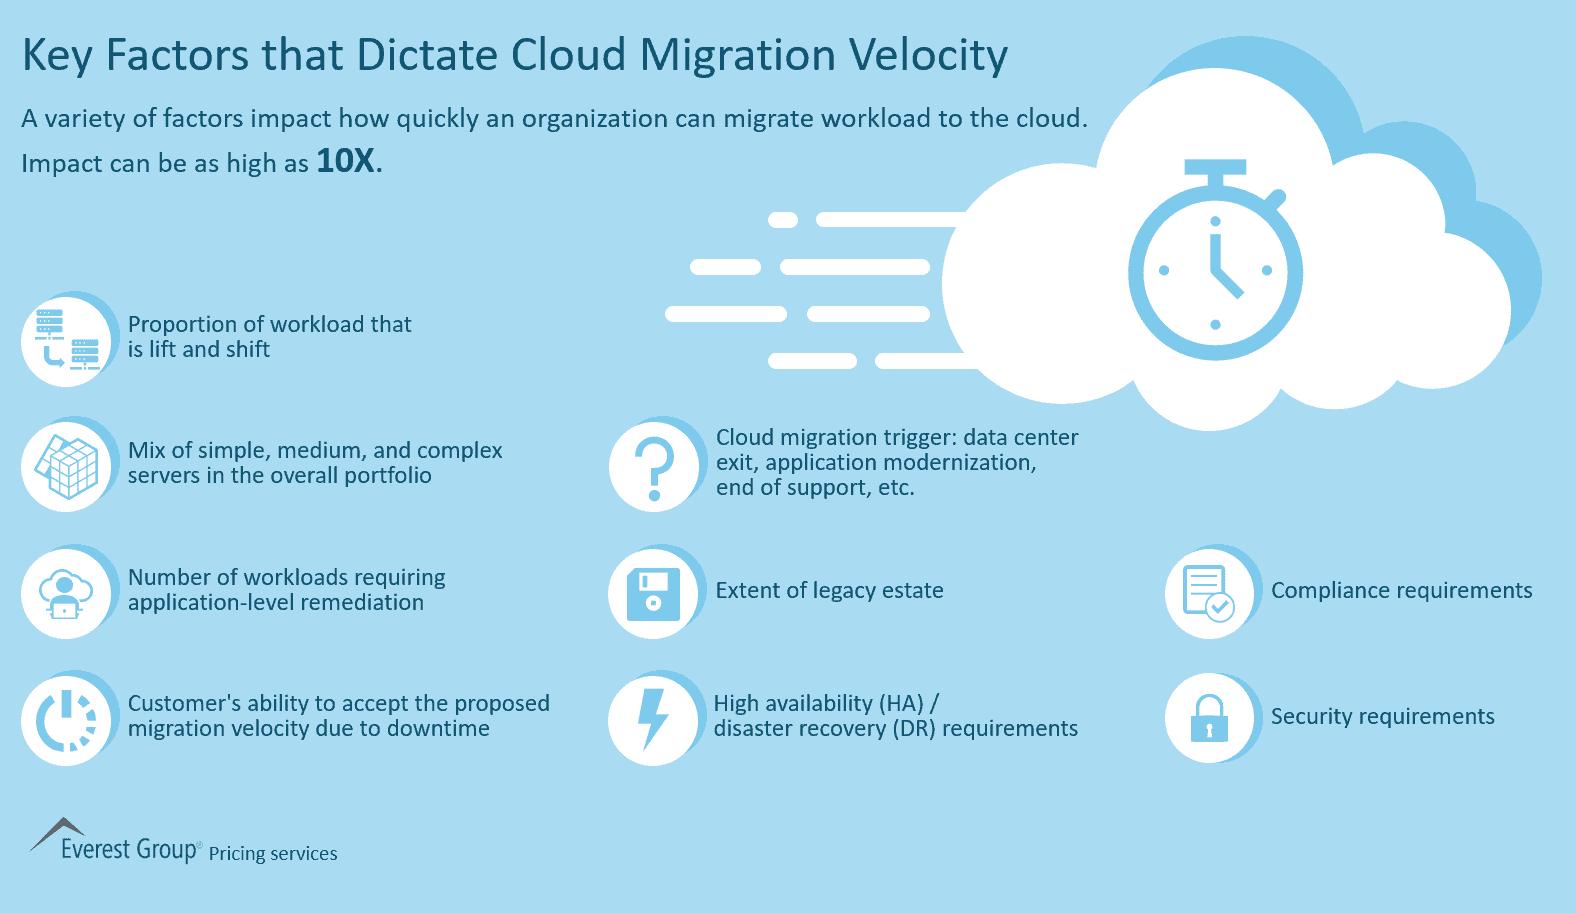 Key Factors that Dictate Cloud Migration Velocity